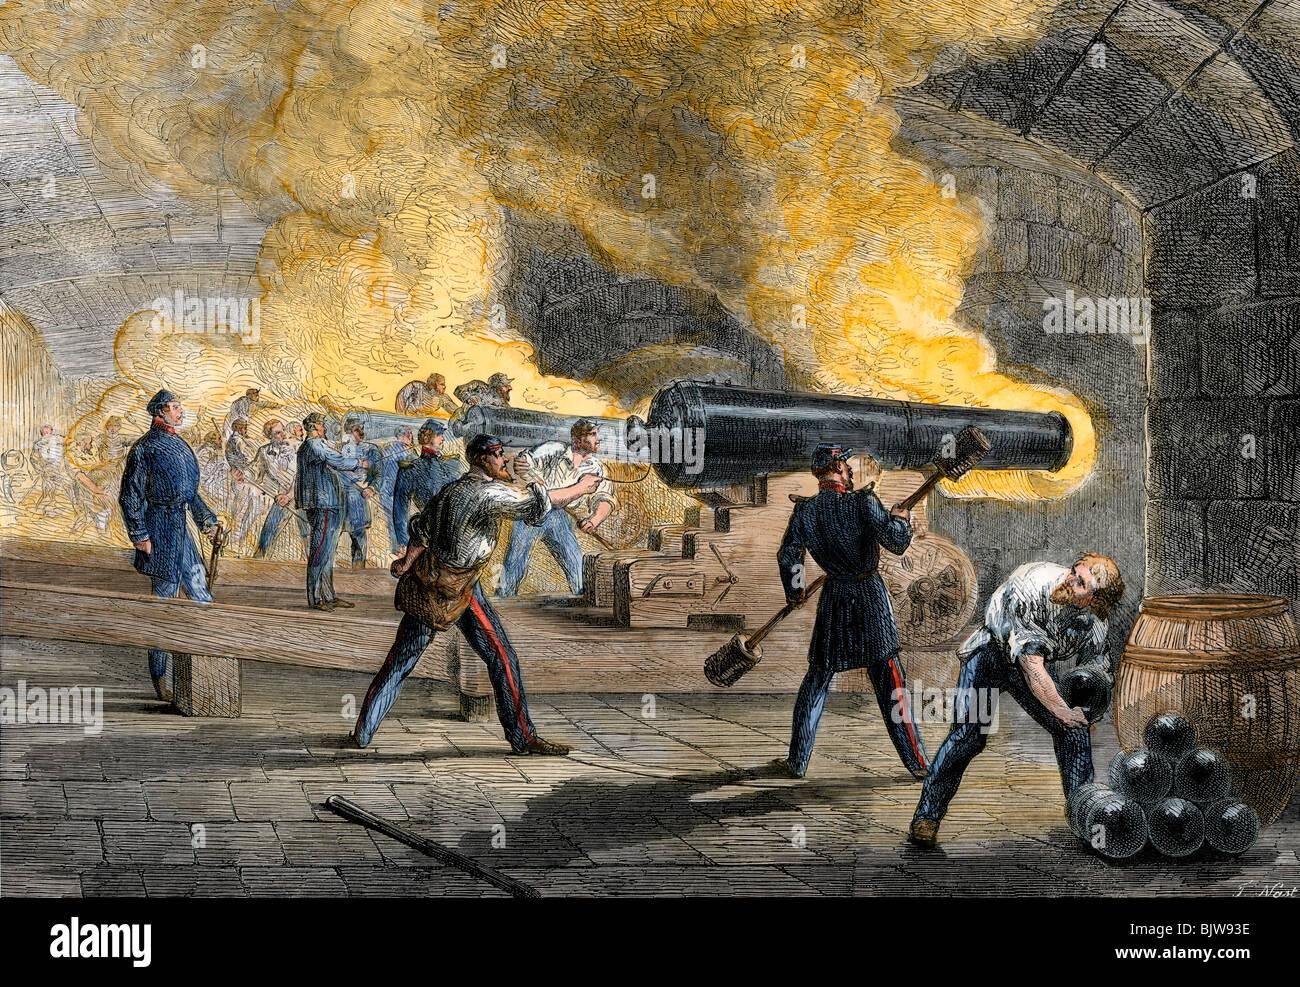 Grandes cañones de Fort Sumter devolver el fuego desde Fort Moultrie en el inicio de la Guerra Civil, en 1861. Imagen De Stock